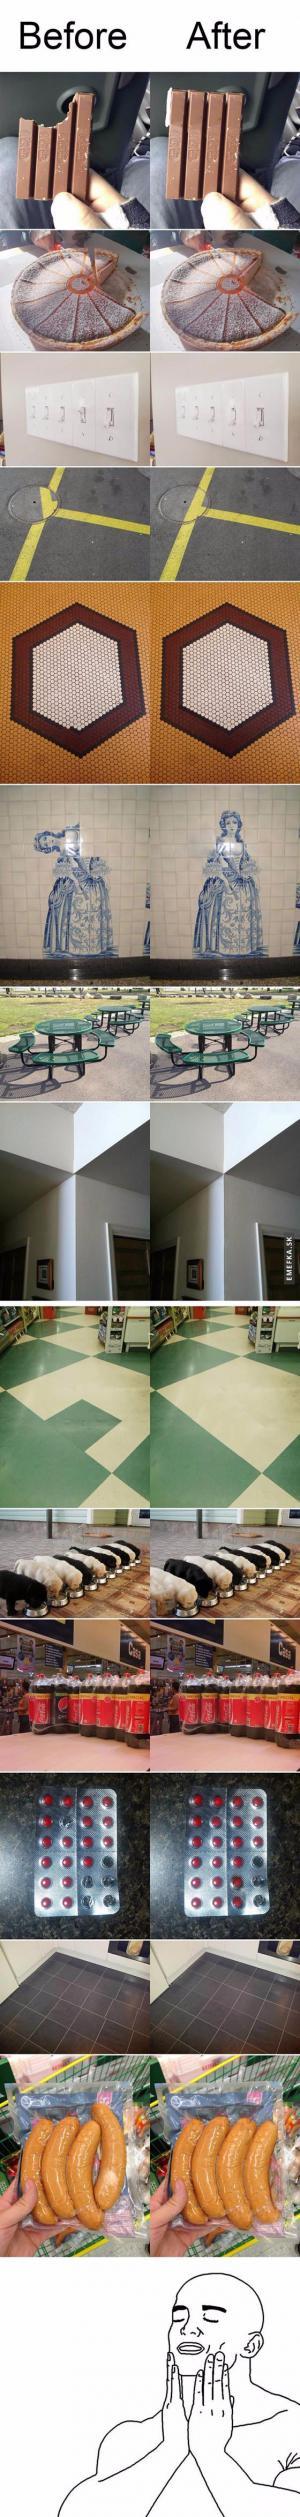 Co dokáže photoshop